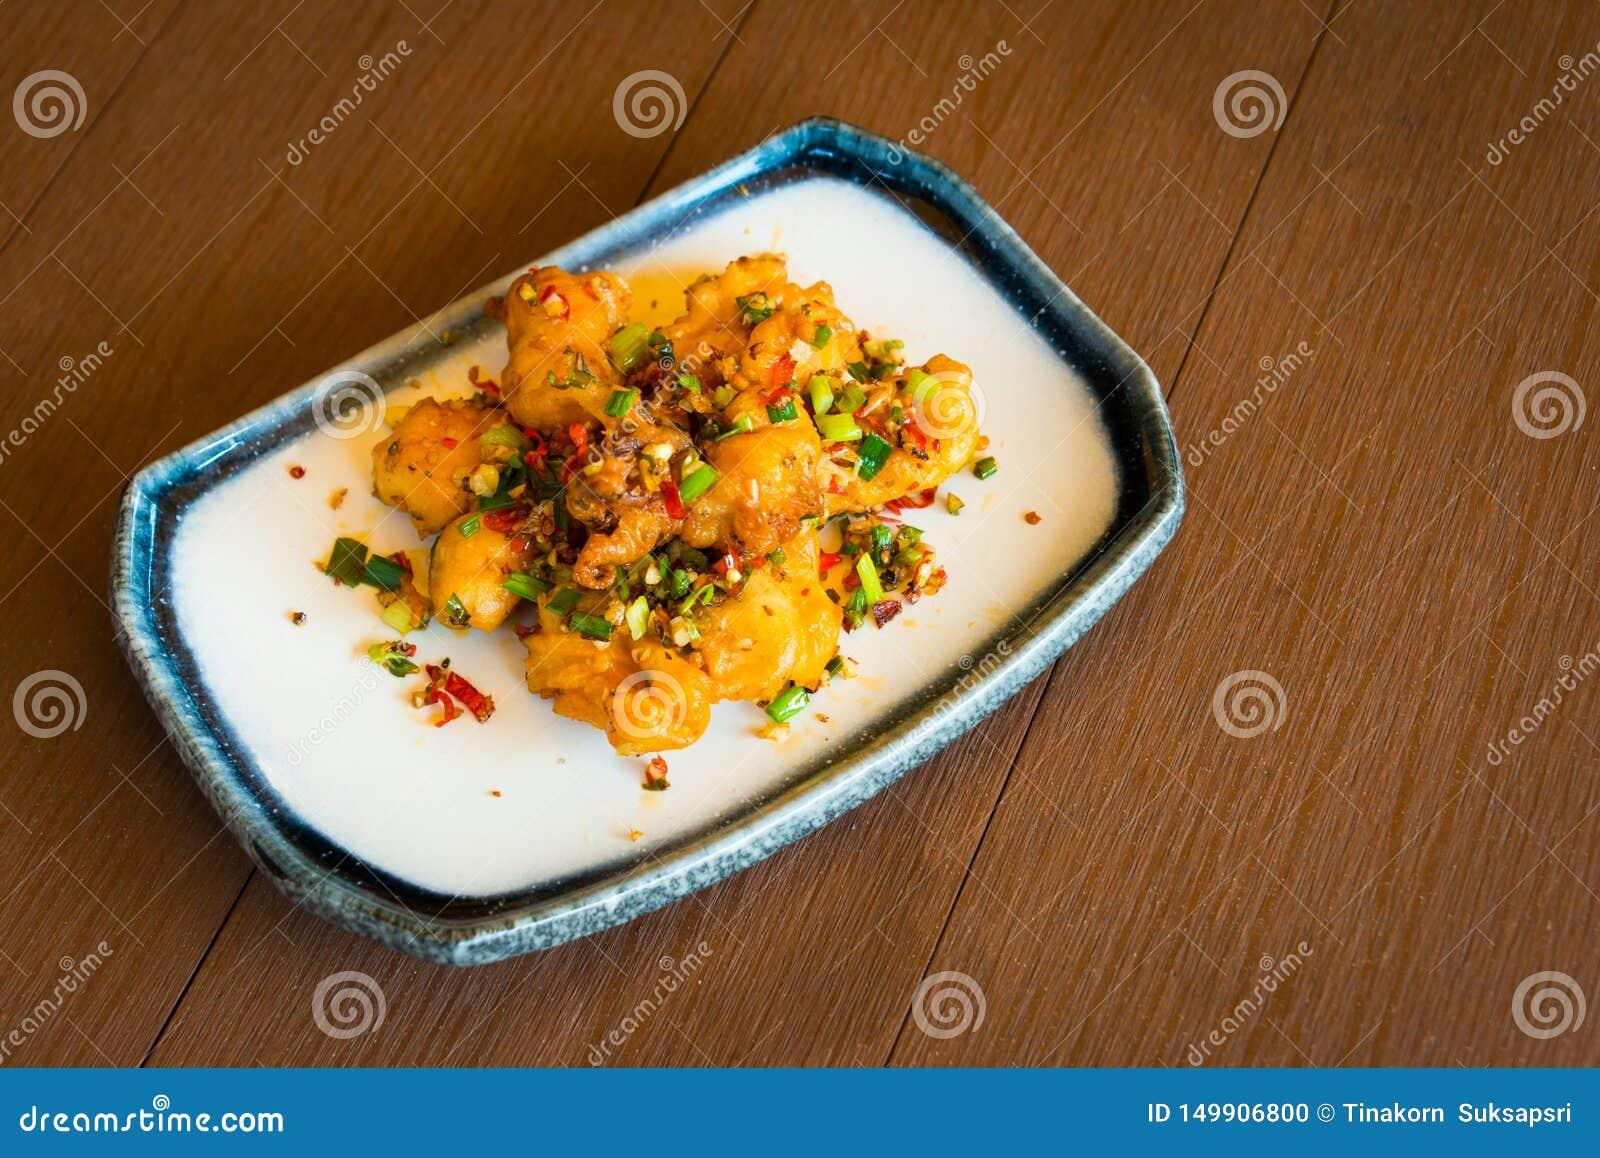 Stile tailandese caldo e piccante del calamaro fritto dell alimento